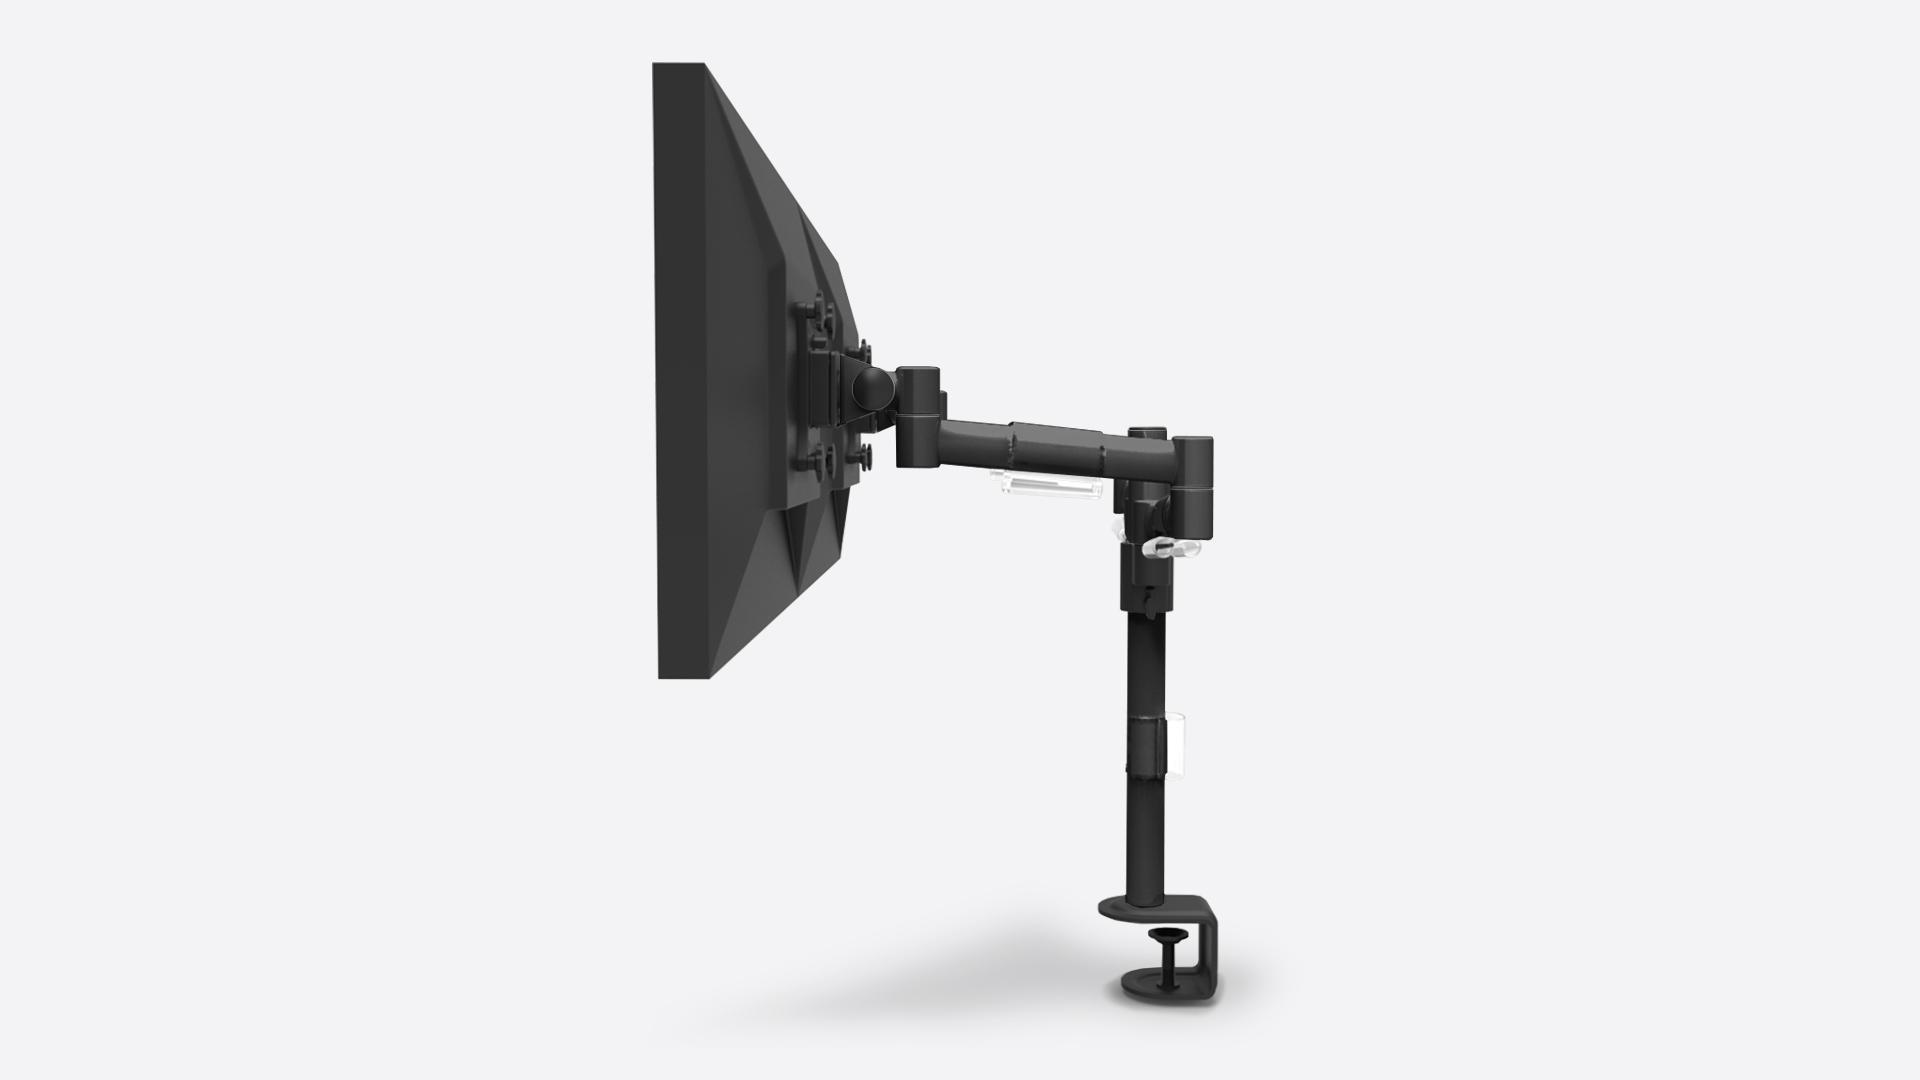 10 accessoires de bureau assis-debout indispensables en 2020